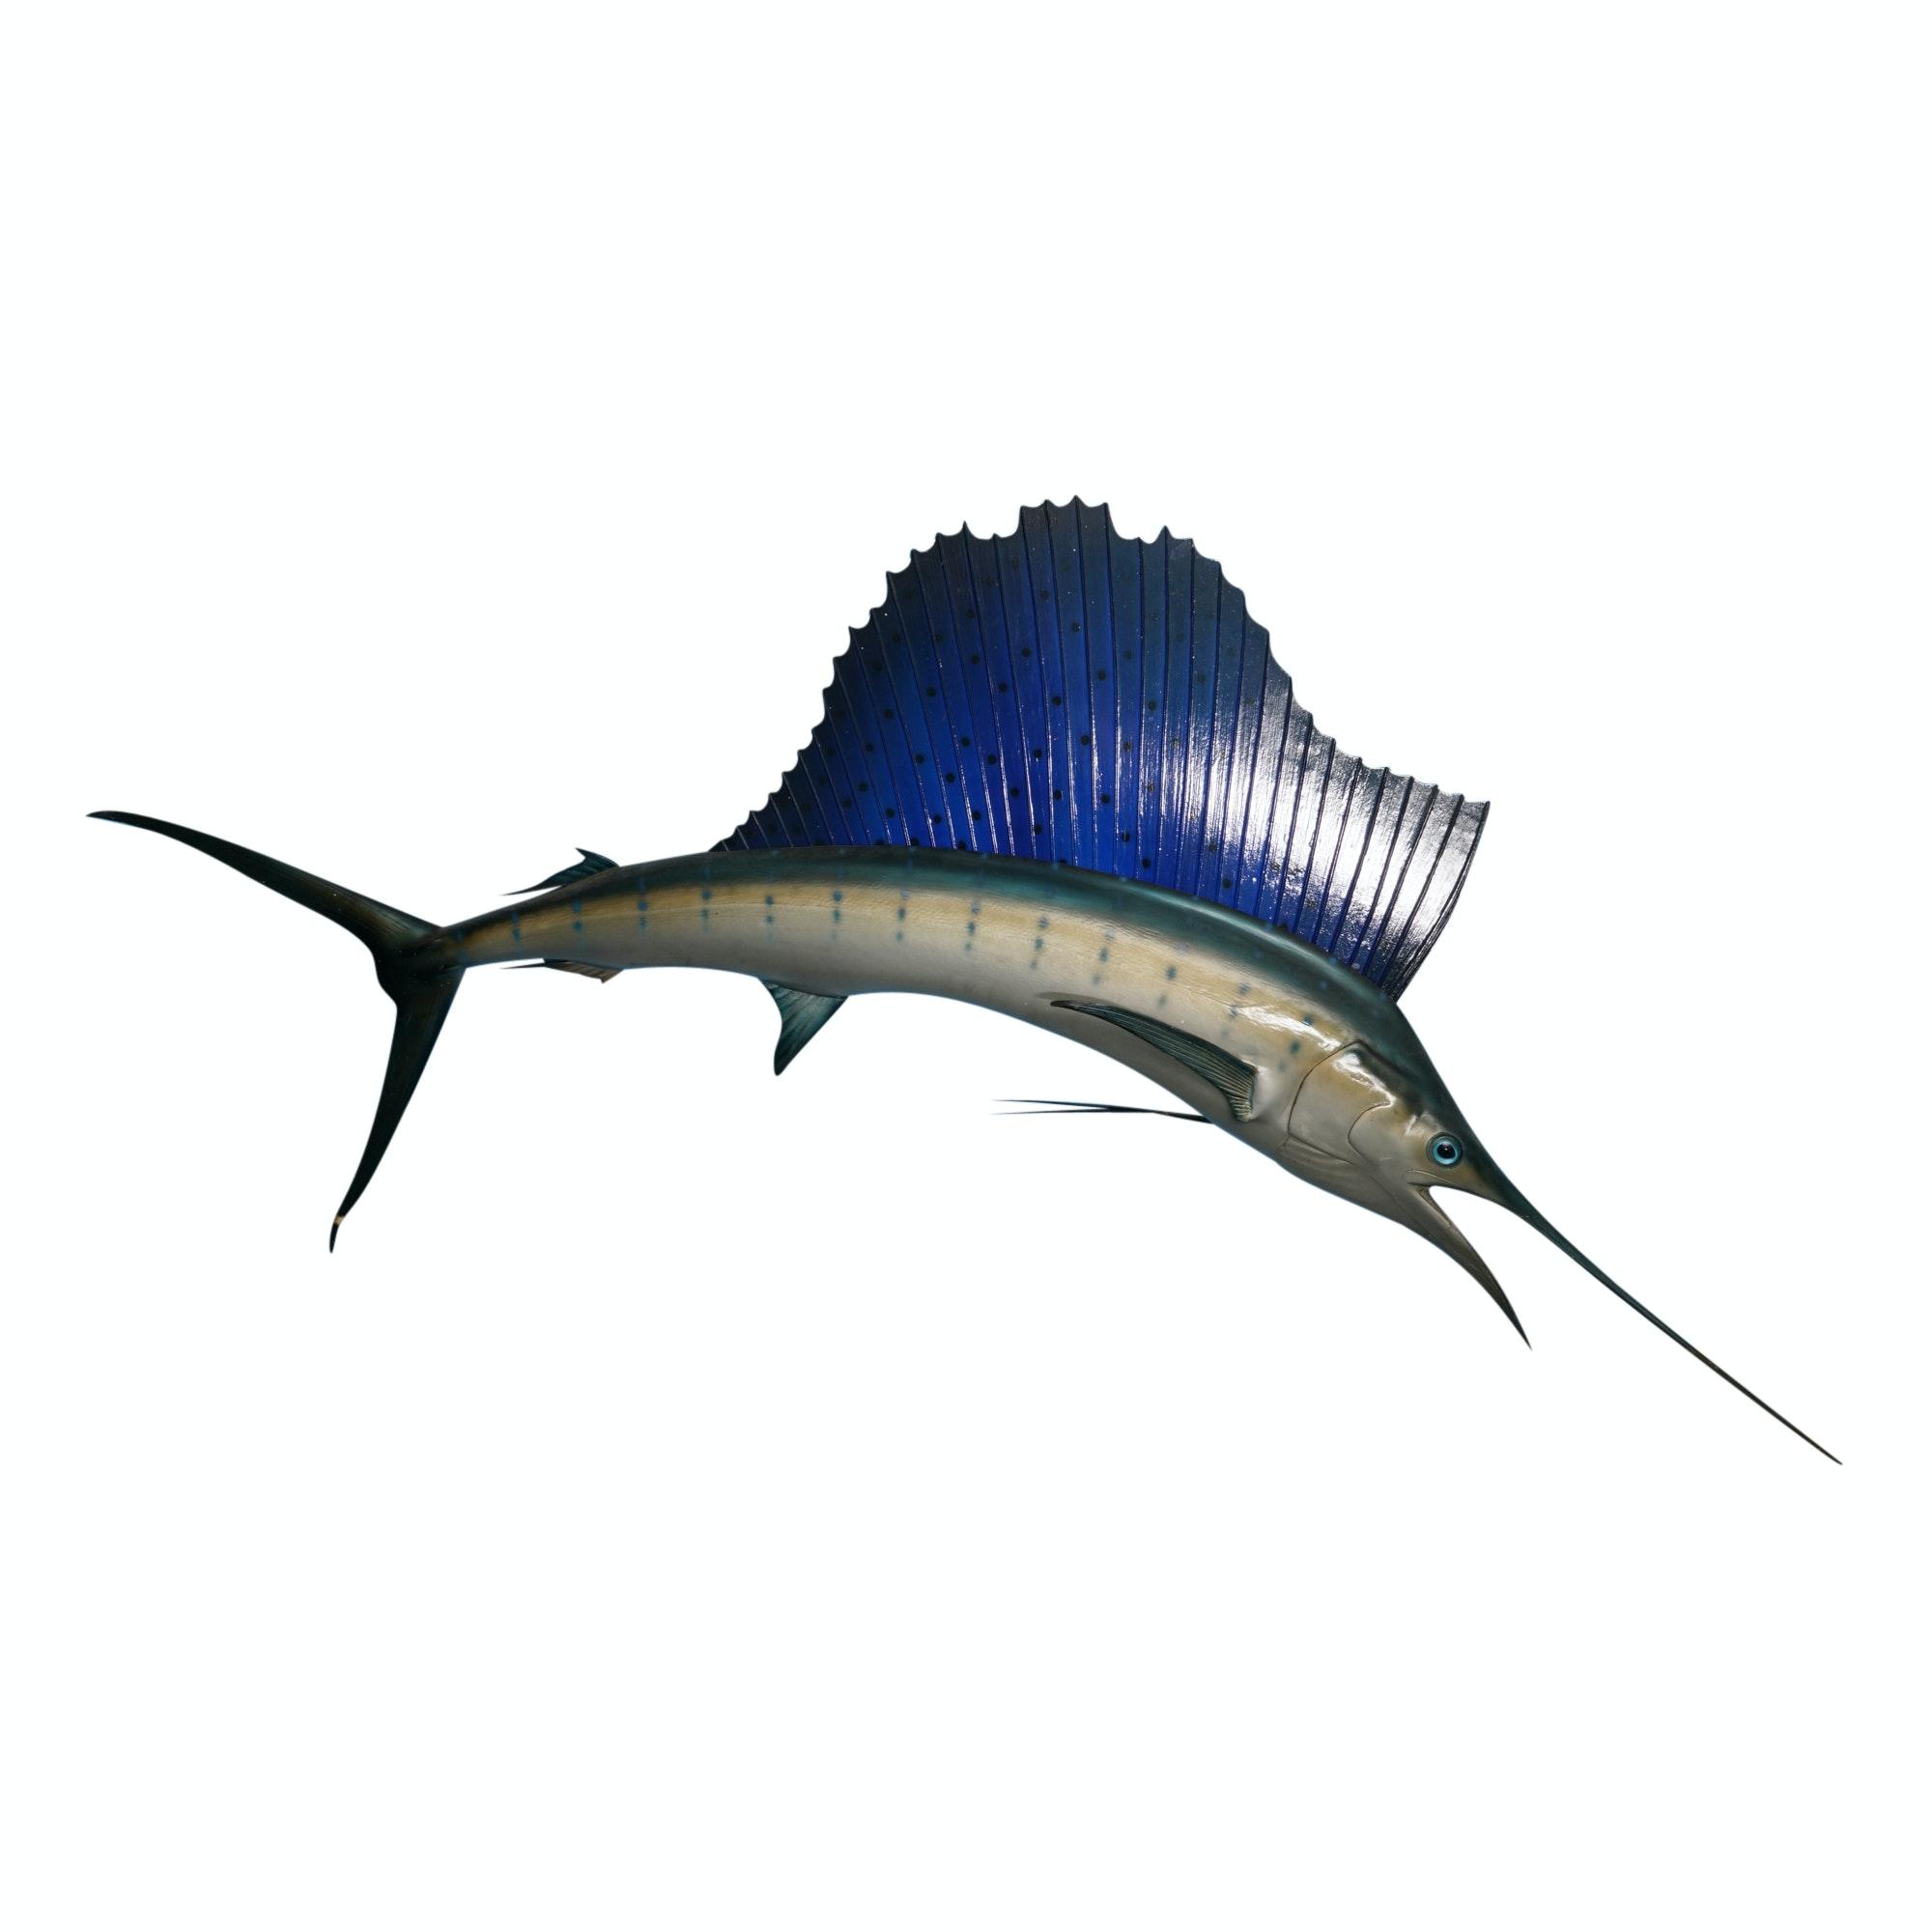 Blue Marlin Taxidermy Mount